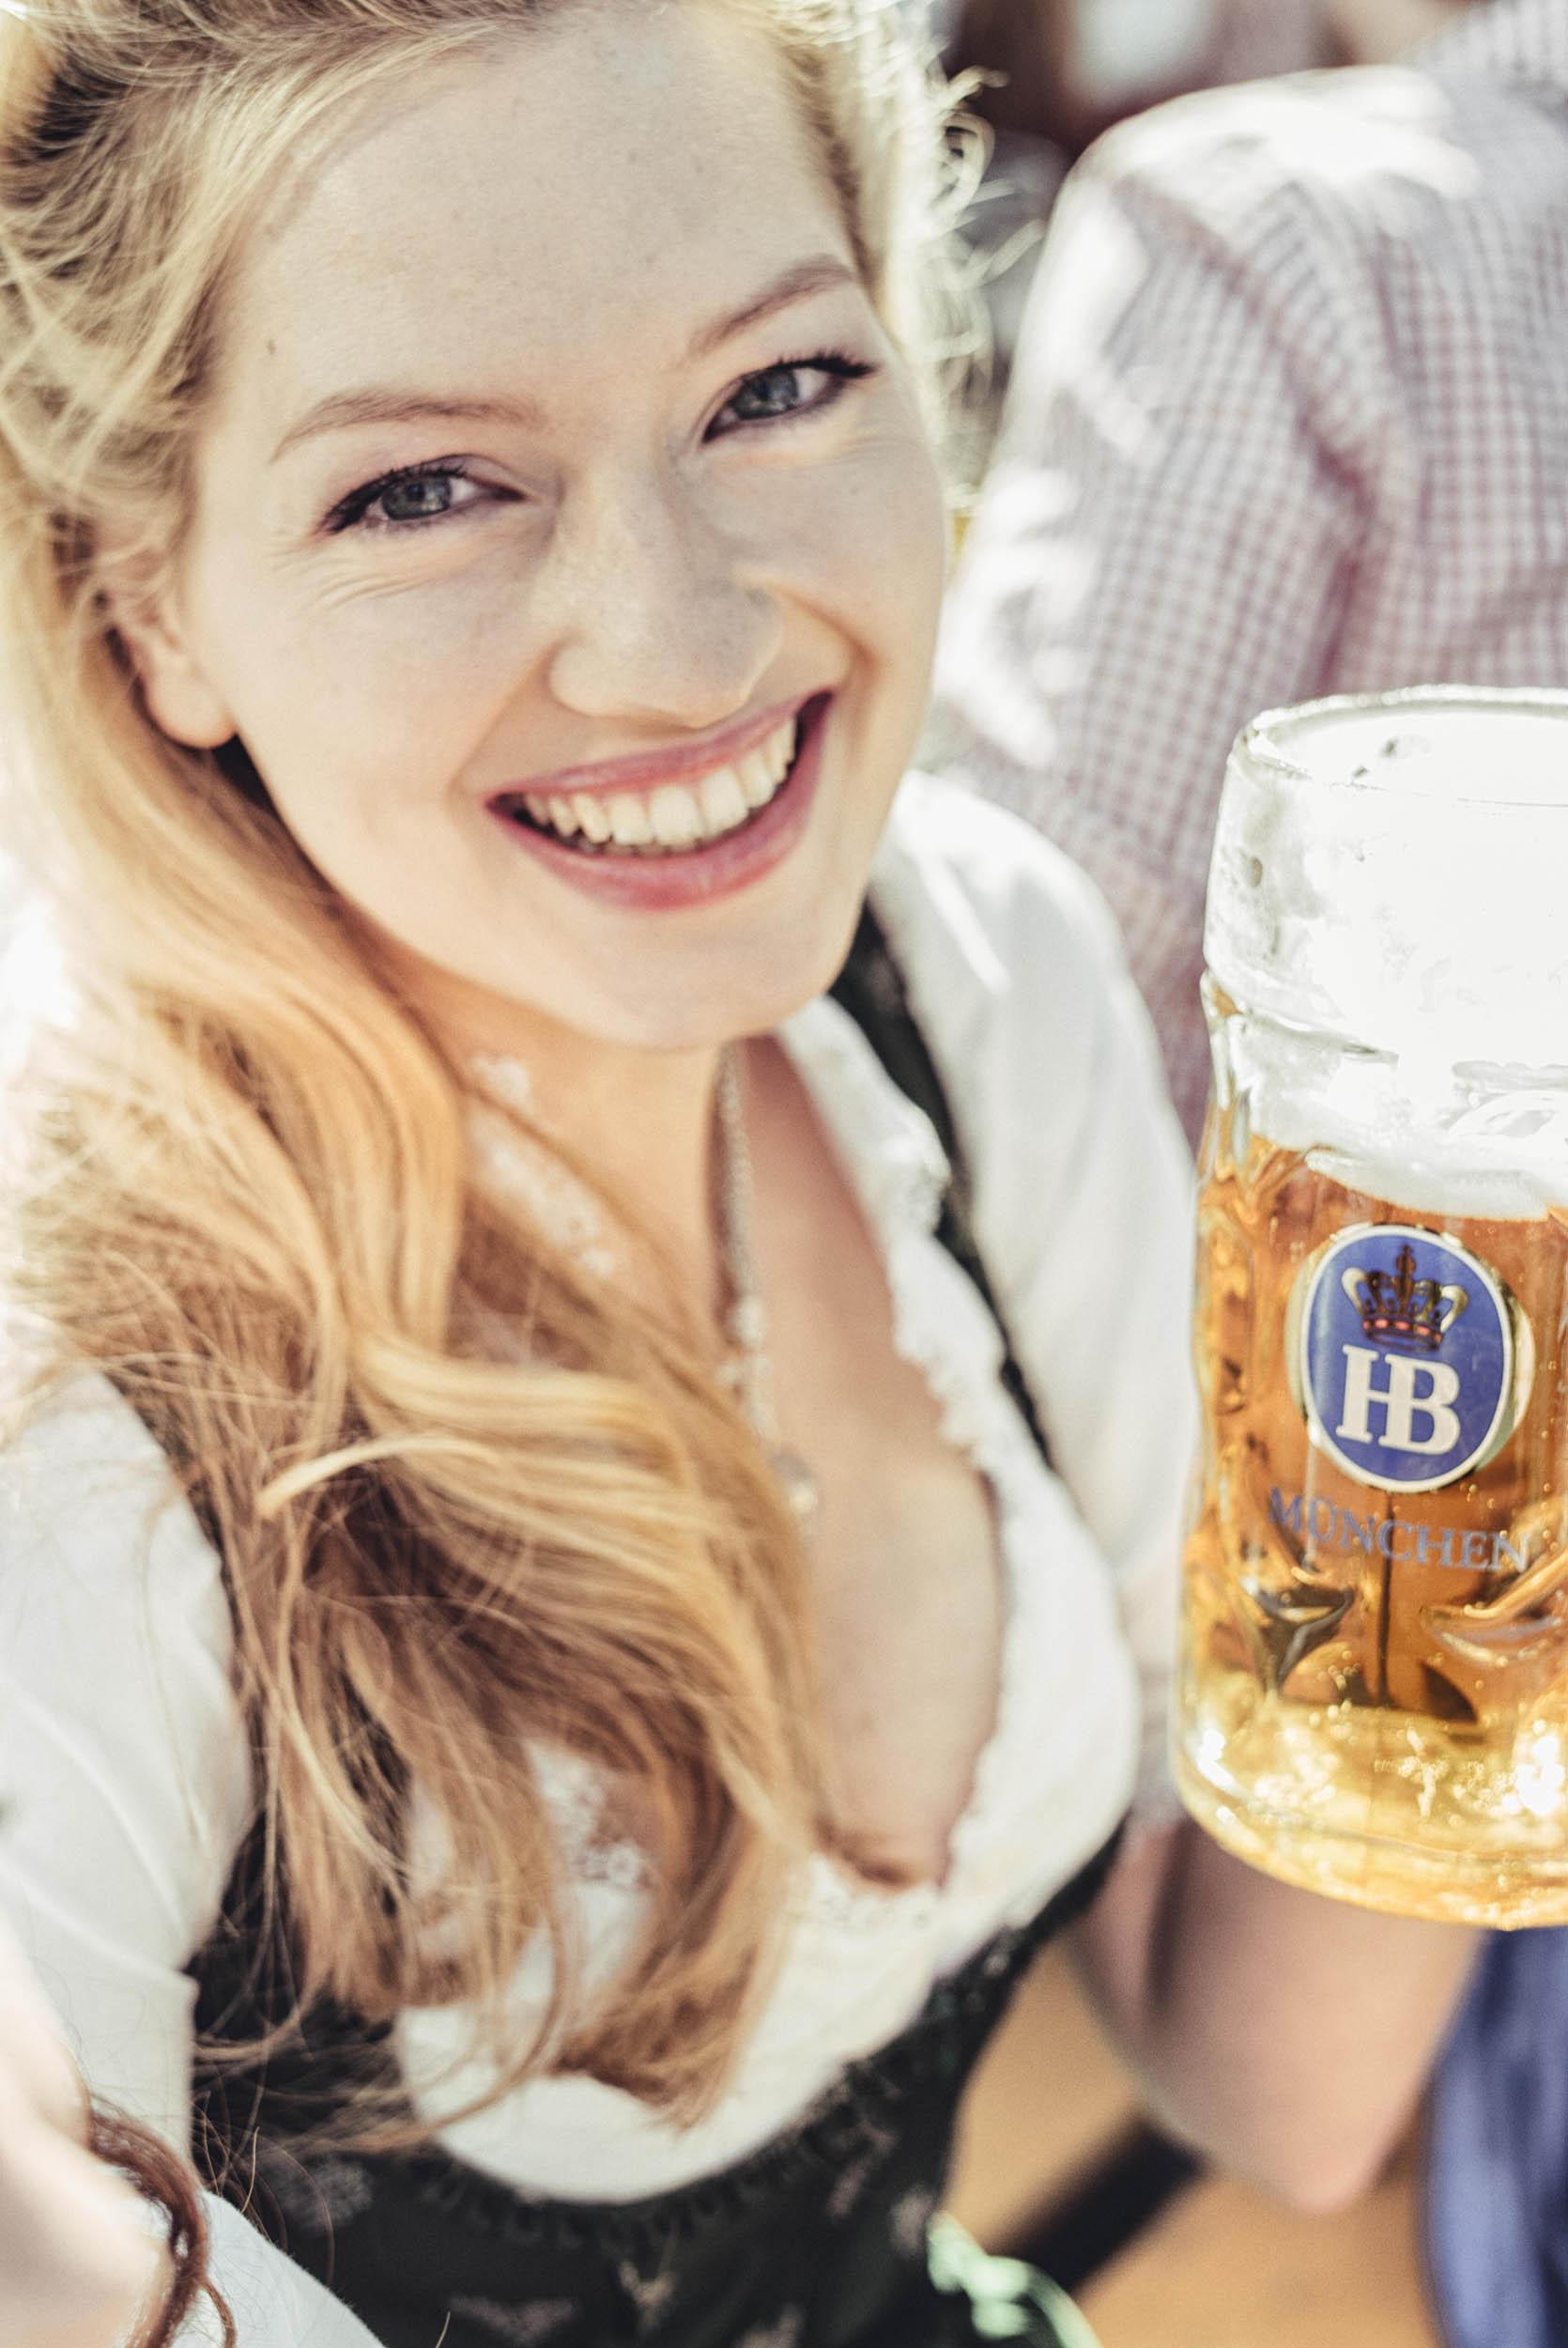 seifertuebler-lifestyle-hofbraeu-muenchen-oktoberfest-beer-09.jpg